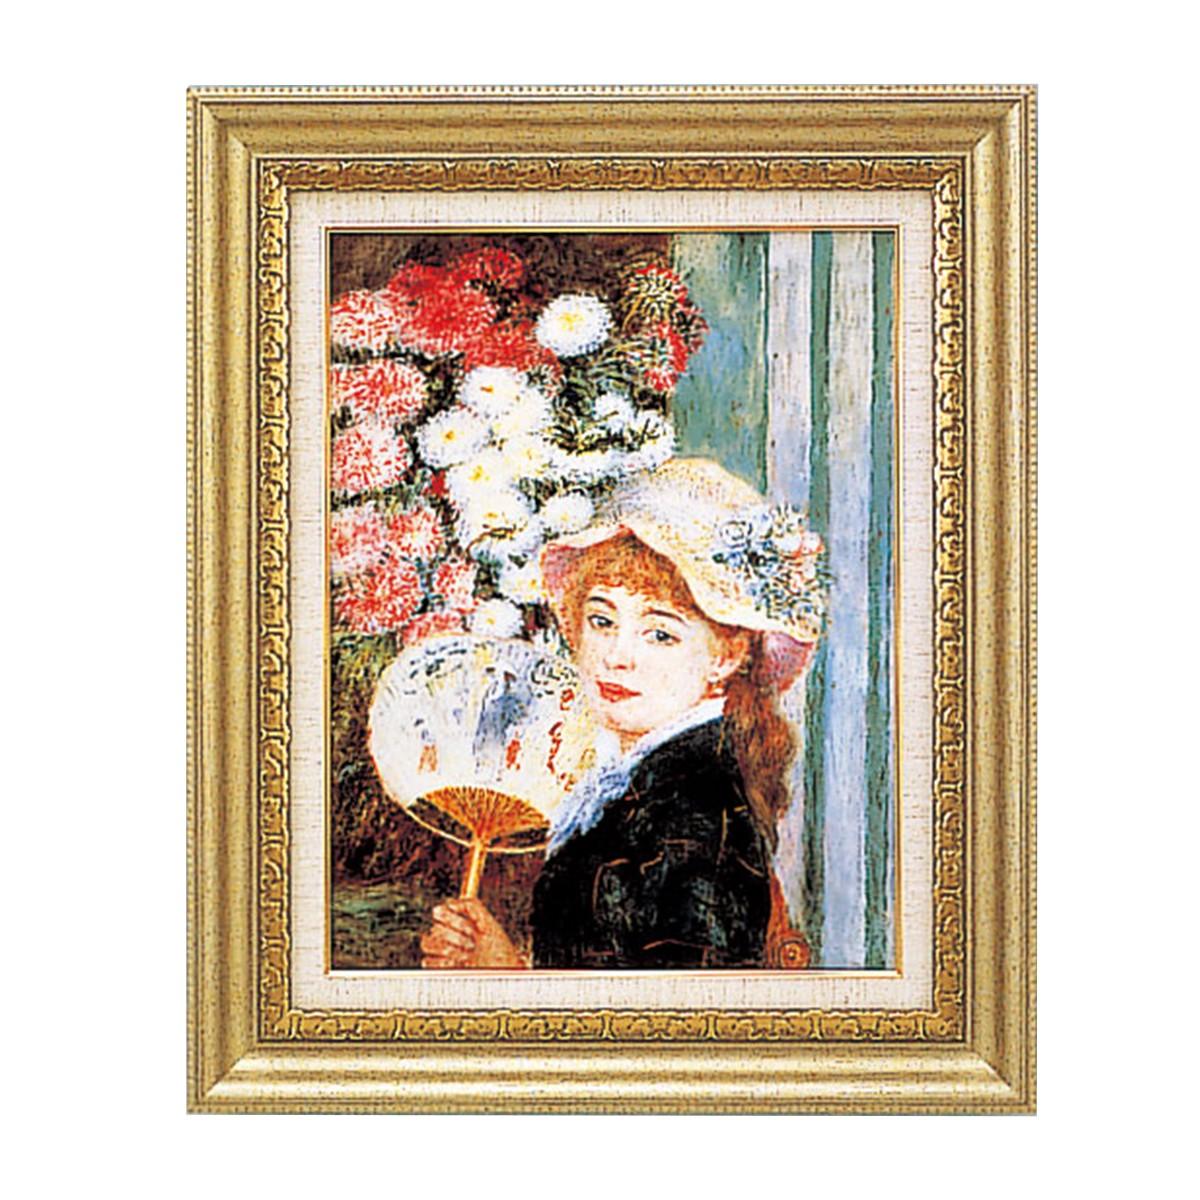 <お取り寄せ品> 複製絵画 うちわを持つ少女 ルノワール作 F6号 【 鑑賞 レプリカ 名画 西洋美術 印象派 肖像画 】